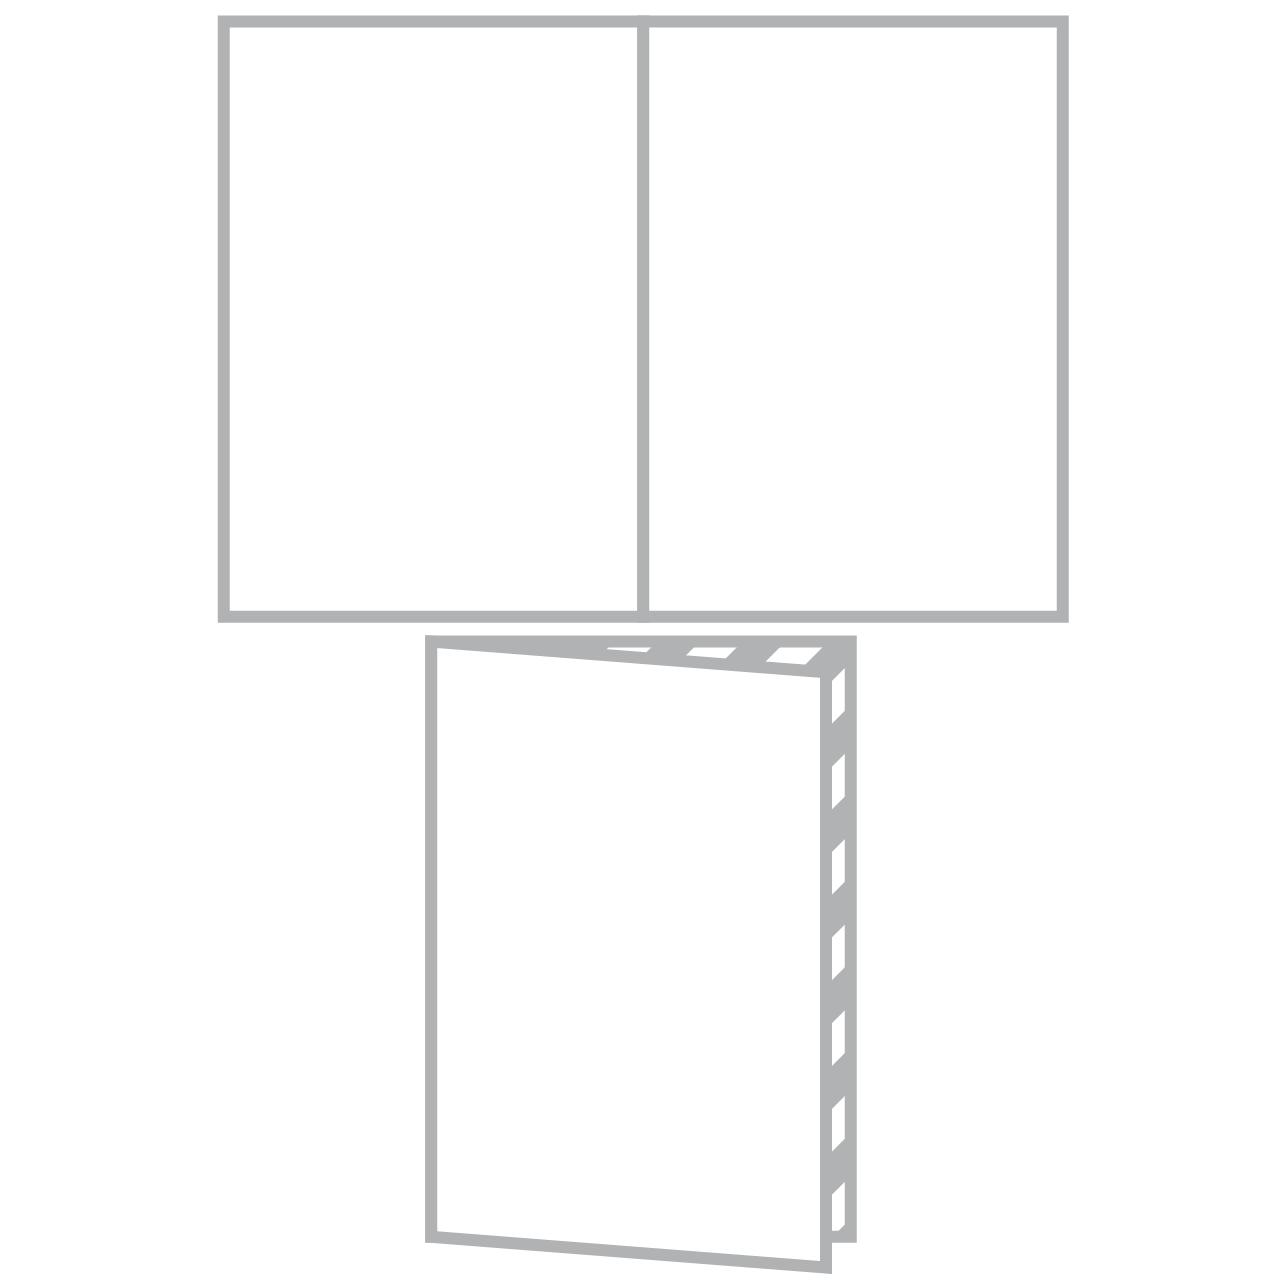 Illustrationen_Karten_DIN_A5_HF_RF